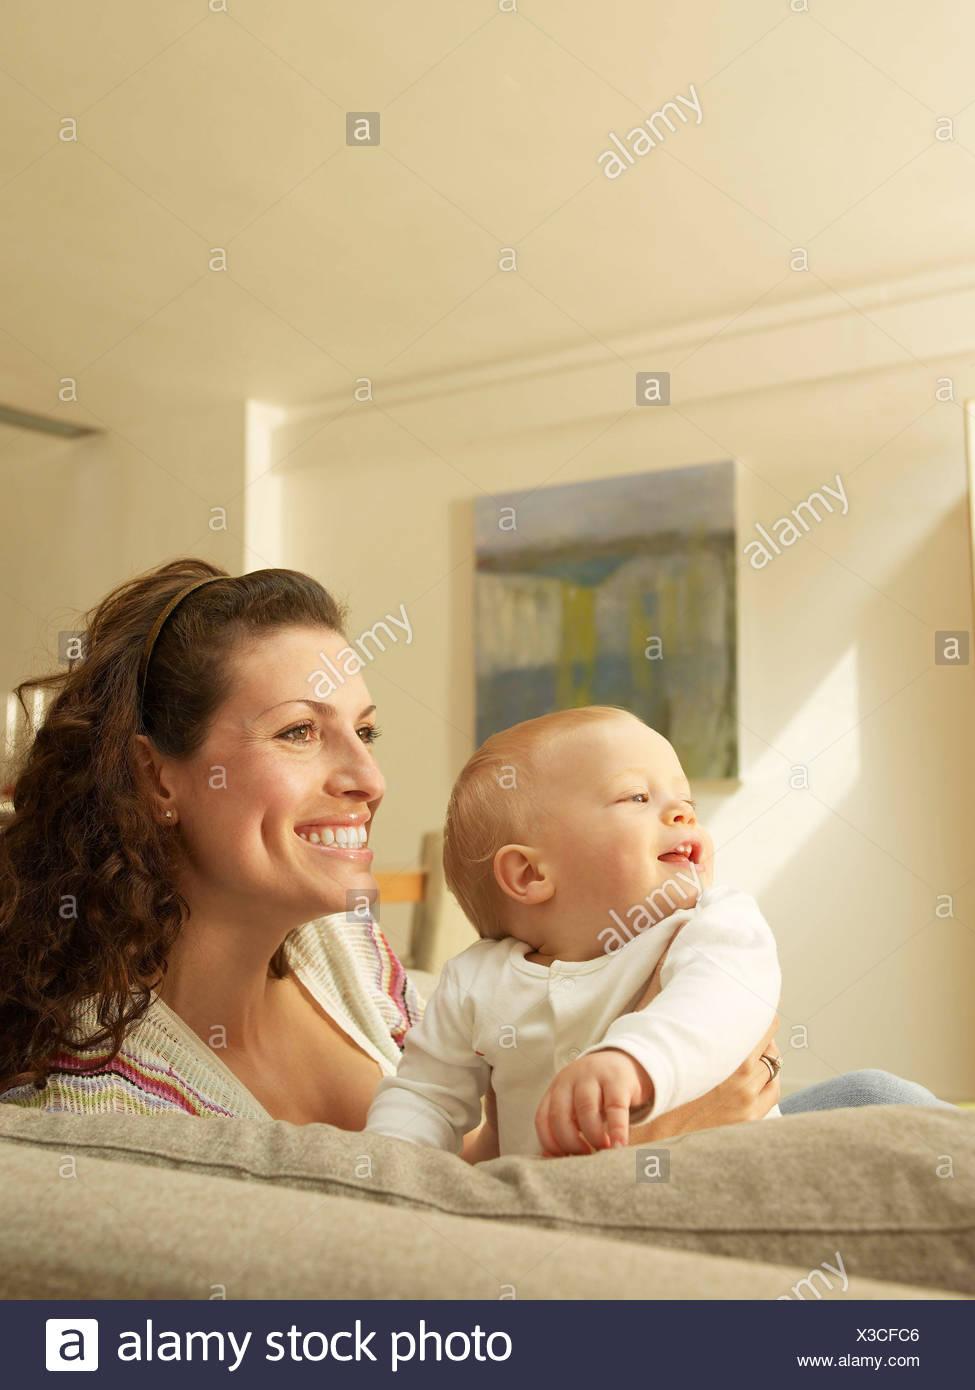 Madre sosteniendo bebé, vista lateral Foto de stock